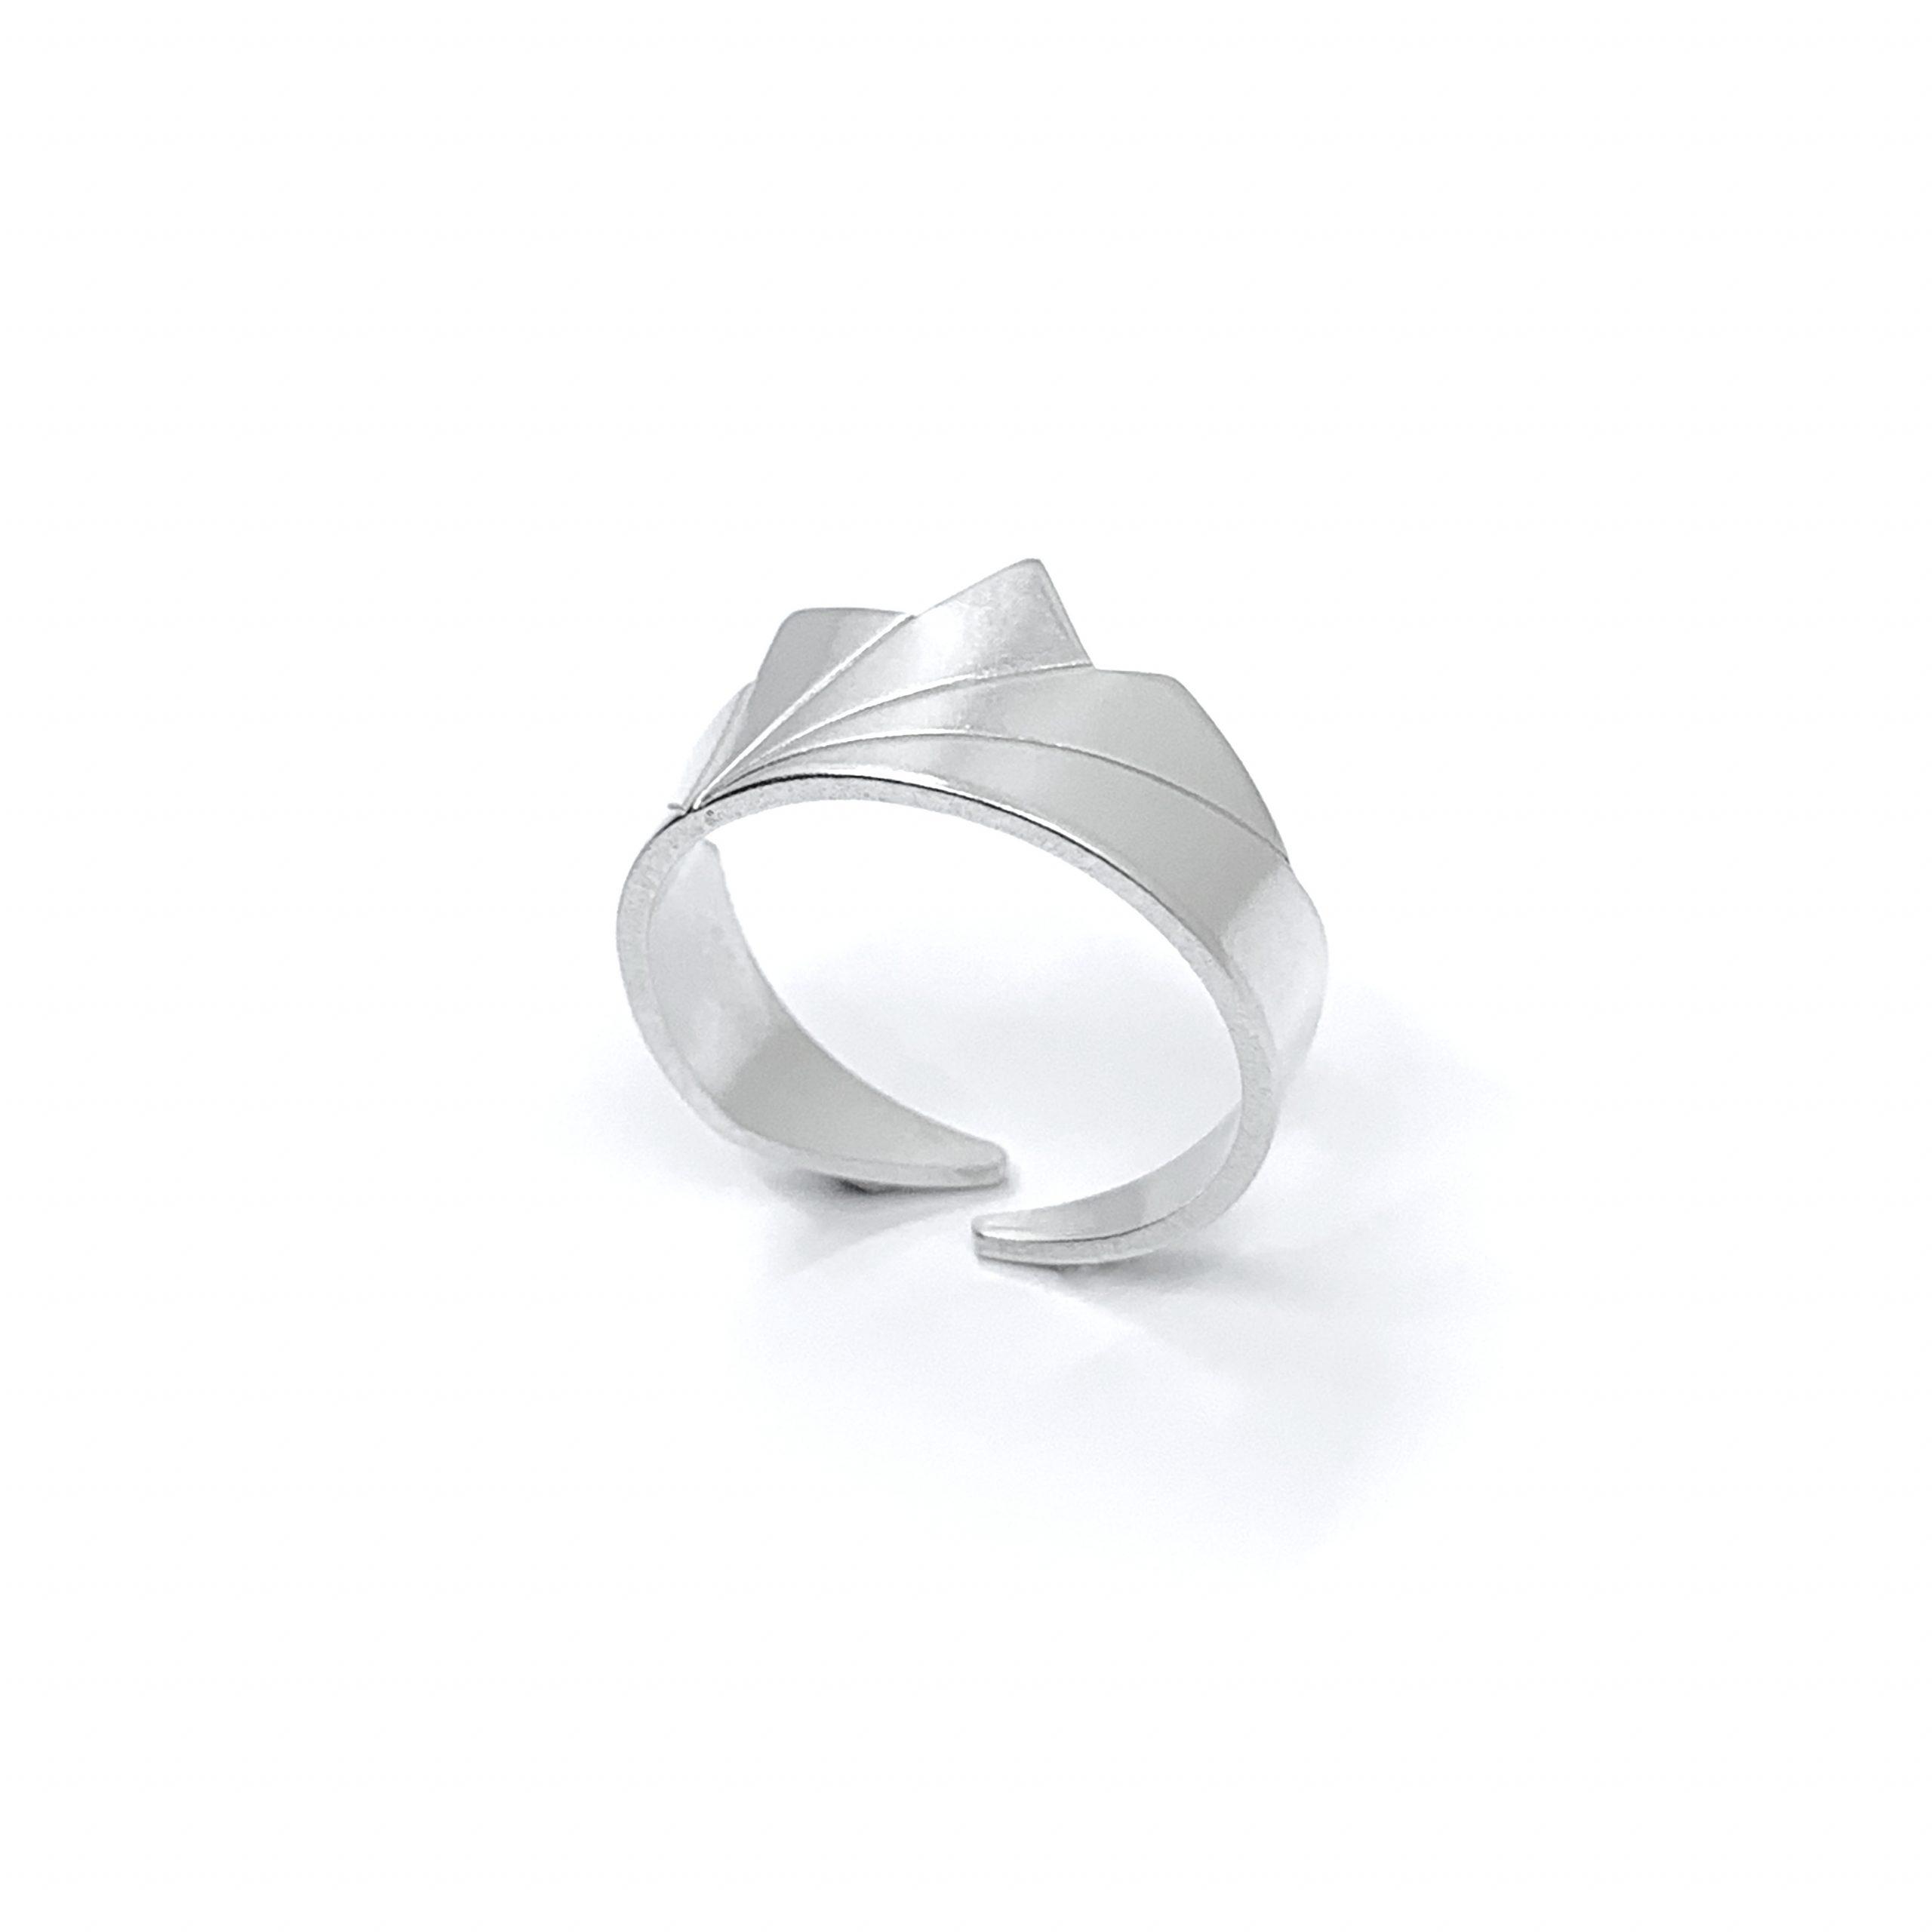 Dawn silver ring